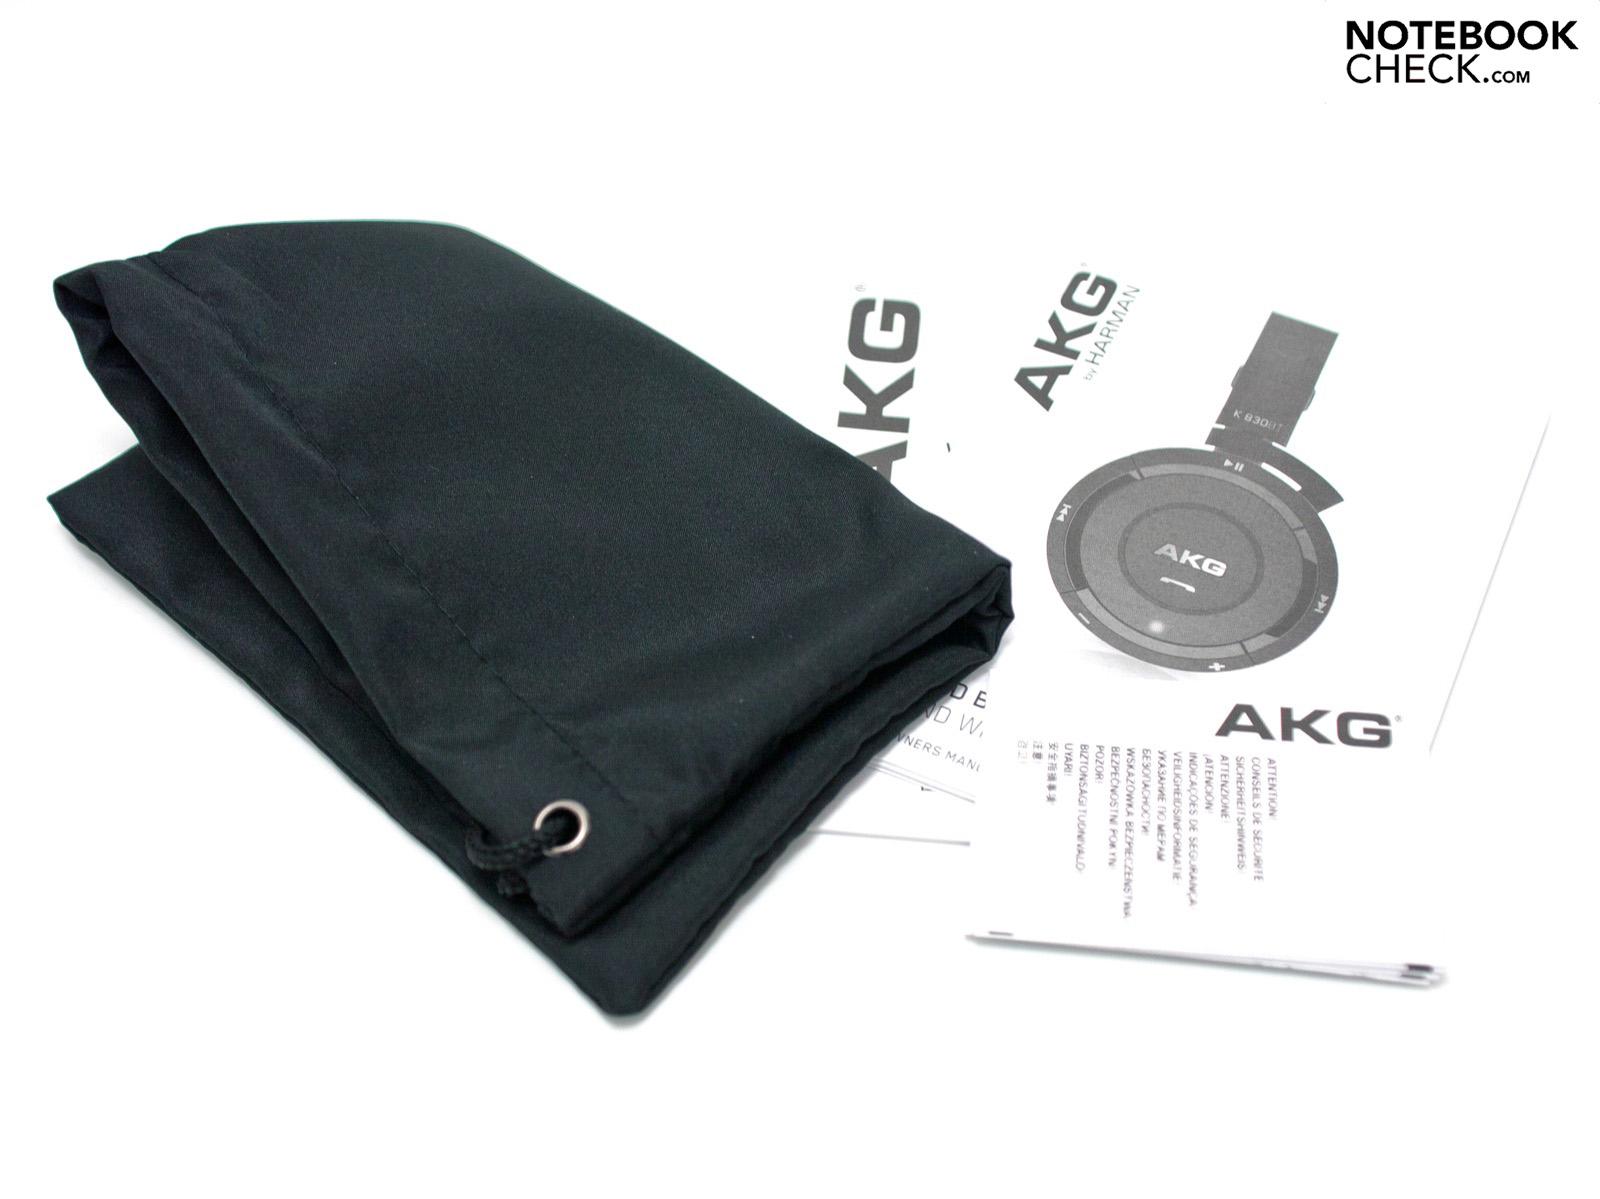 Review AKG K 830 BT Bluetooth Headset - NotebookCheck.net